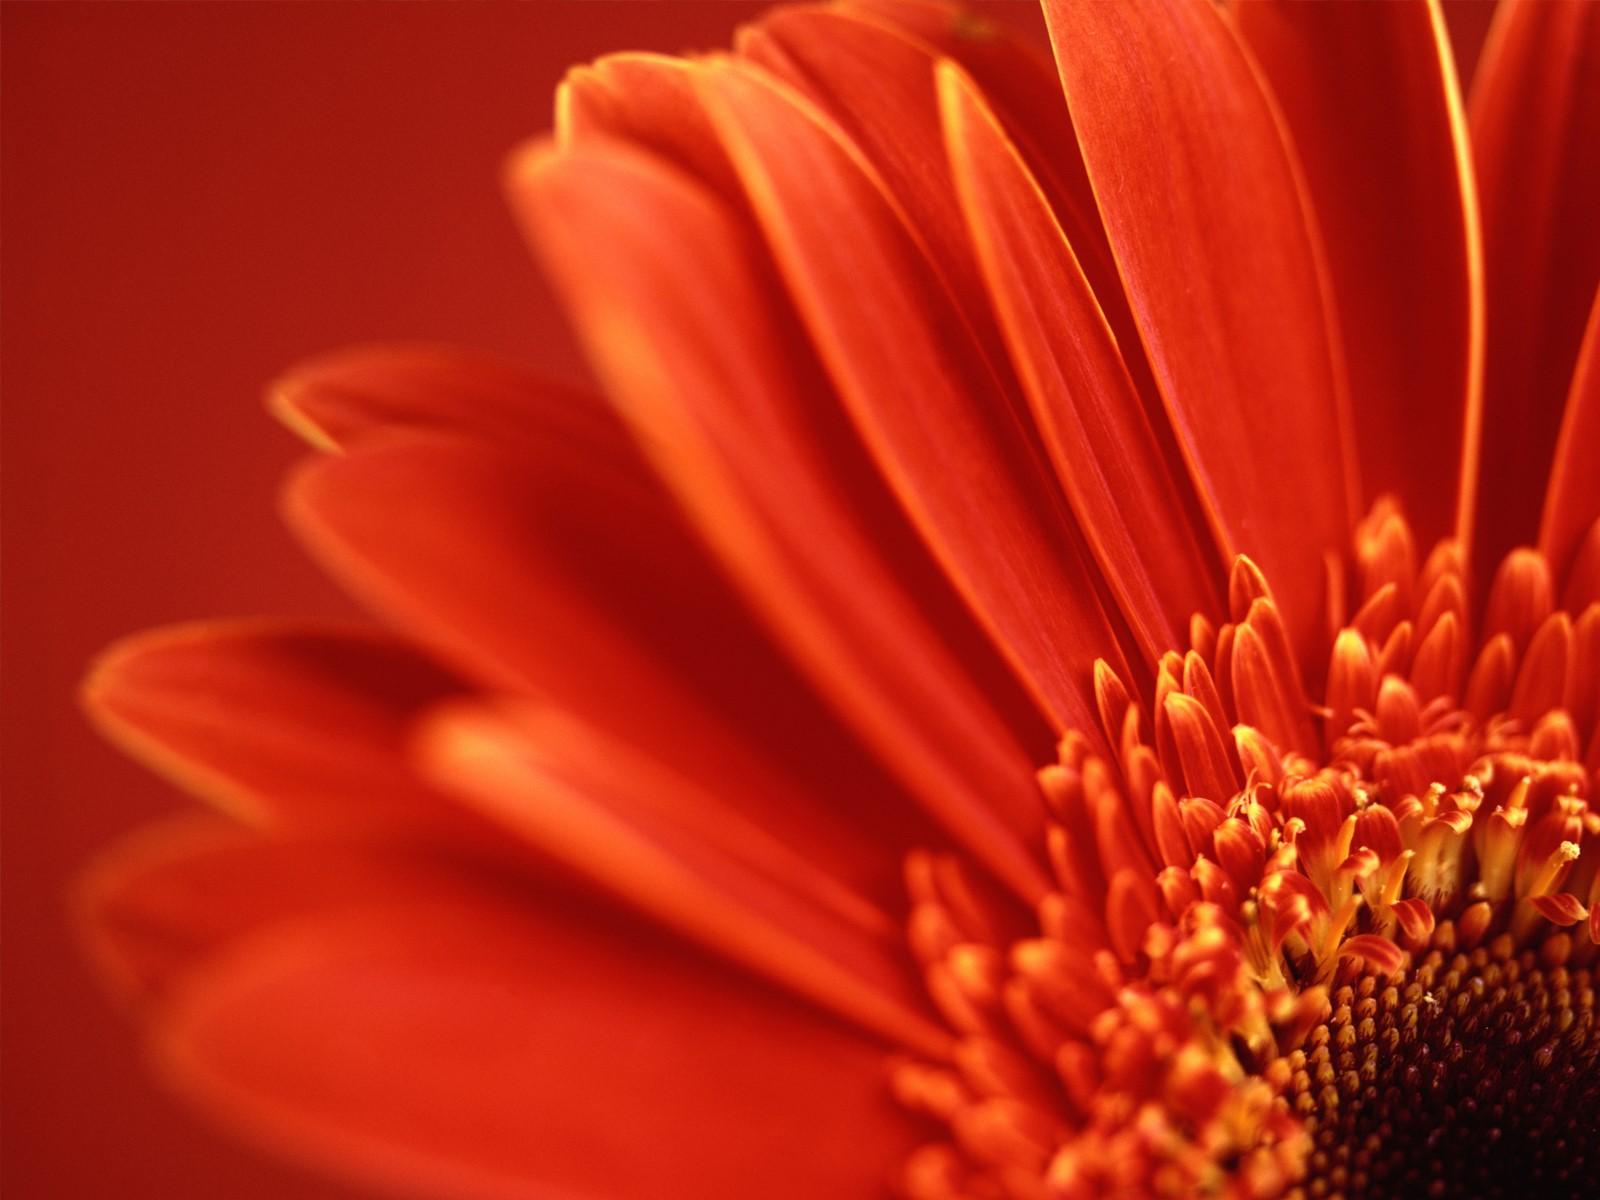 http://4.bp.blogspot.com/-8GS2GfzR4A4/T7iIeAoJQDI/AAAAAAAADlQ/PMZu1vZZOHM/s1600/flowers+wallpaper+desktop-5.jpg